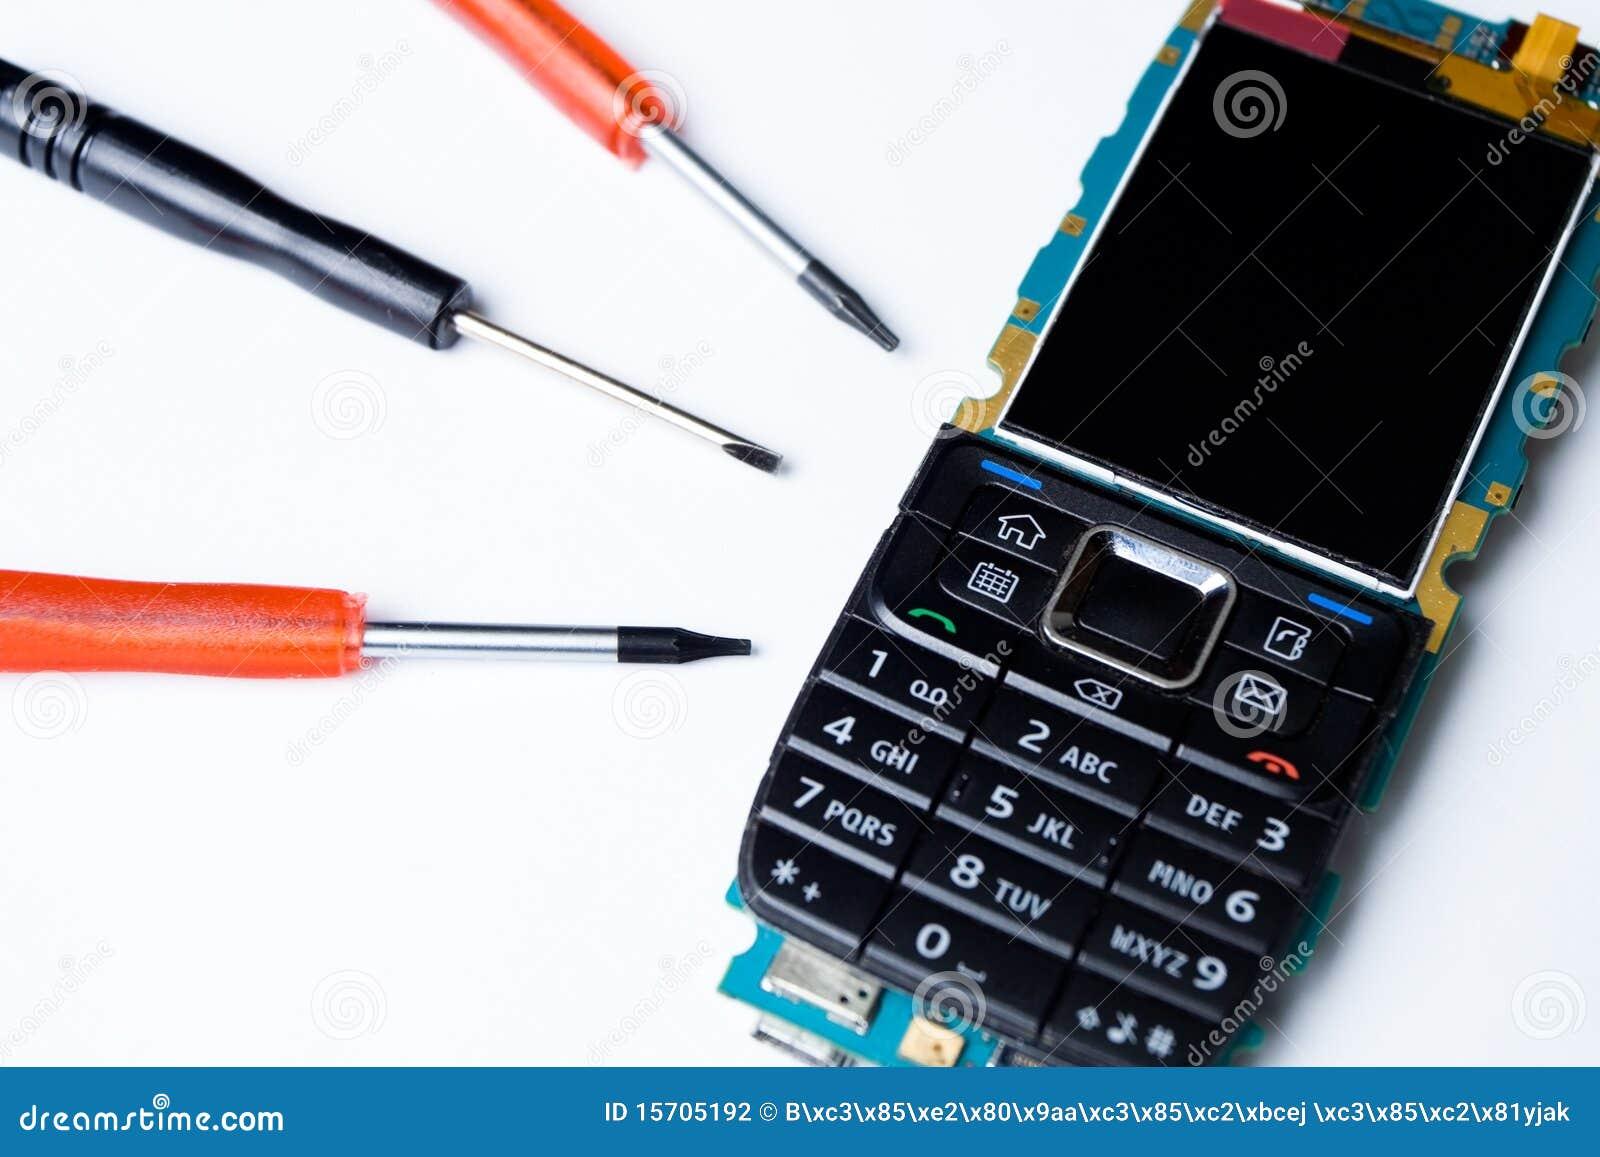 mobile phone repair tools stock photo image of manual 15705192 rh dreamstime com mobile phone repair manual pdf free download in hindi mobile phone repair manual pdf free download in hindi